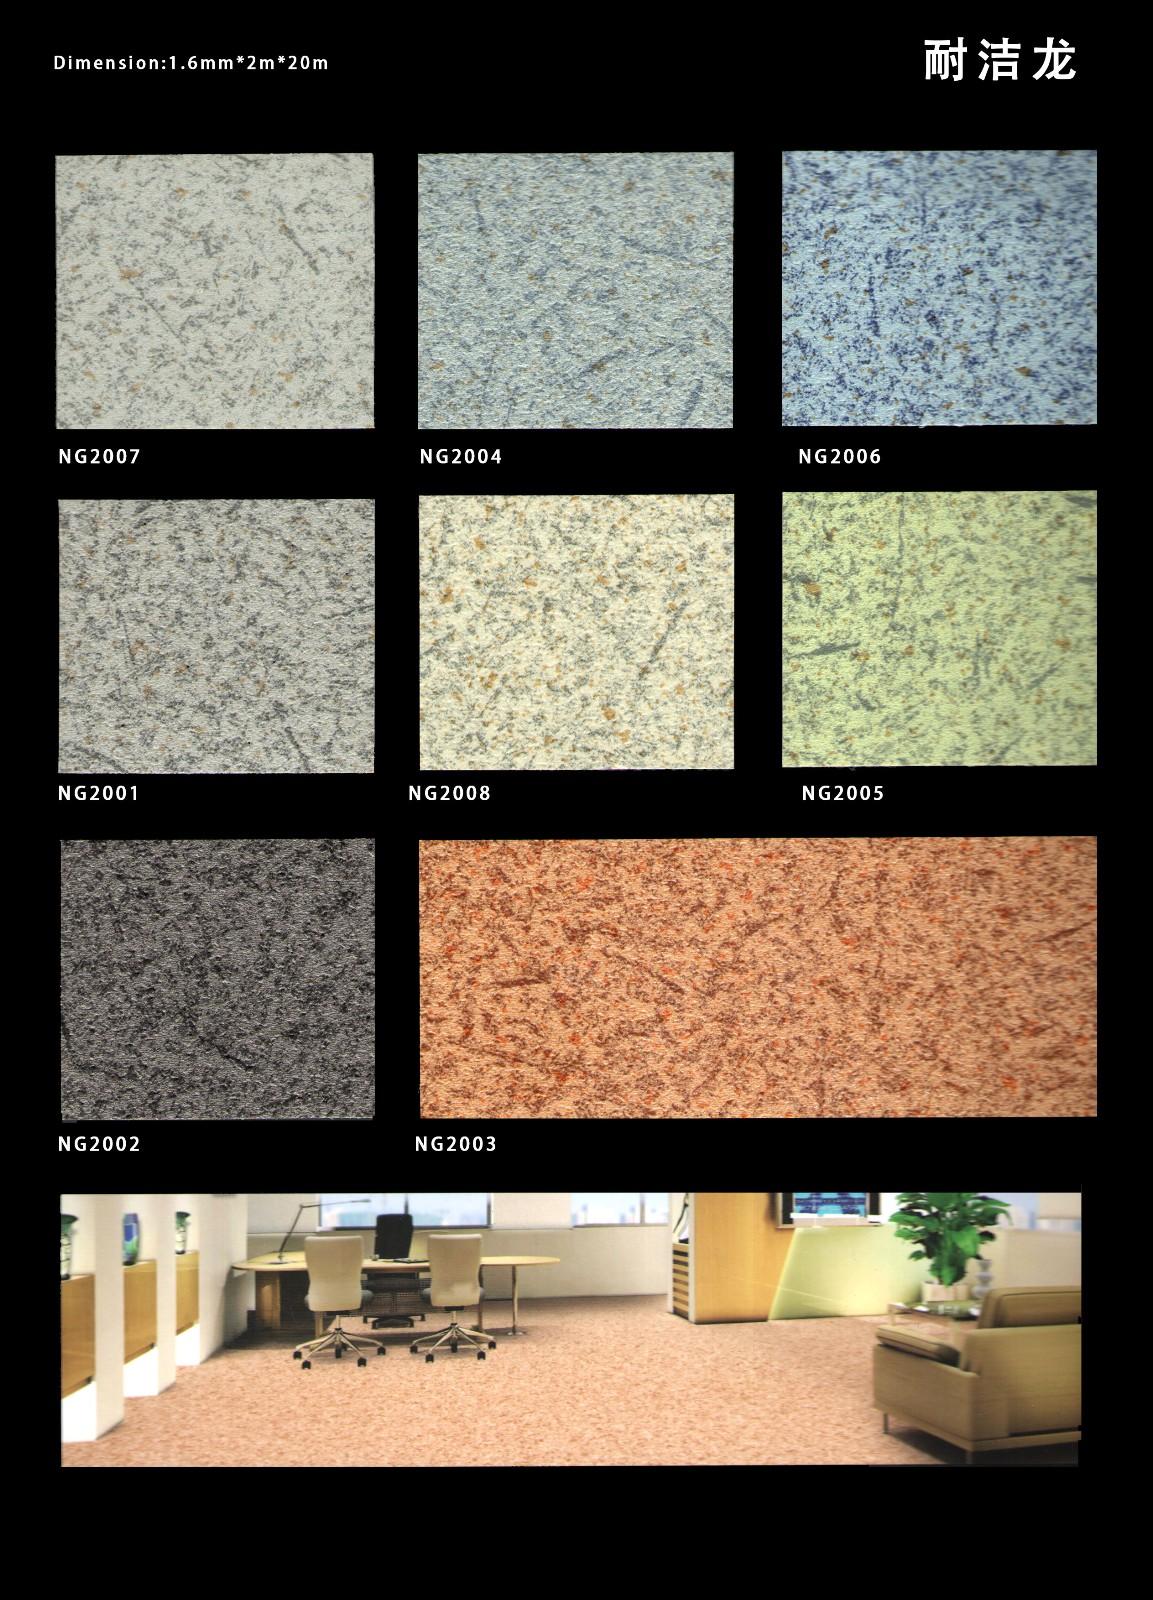 大巨龙耐洁龙PVC地板|大巨龙系列-陕西棋牌挣钱建材有限责任公司